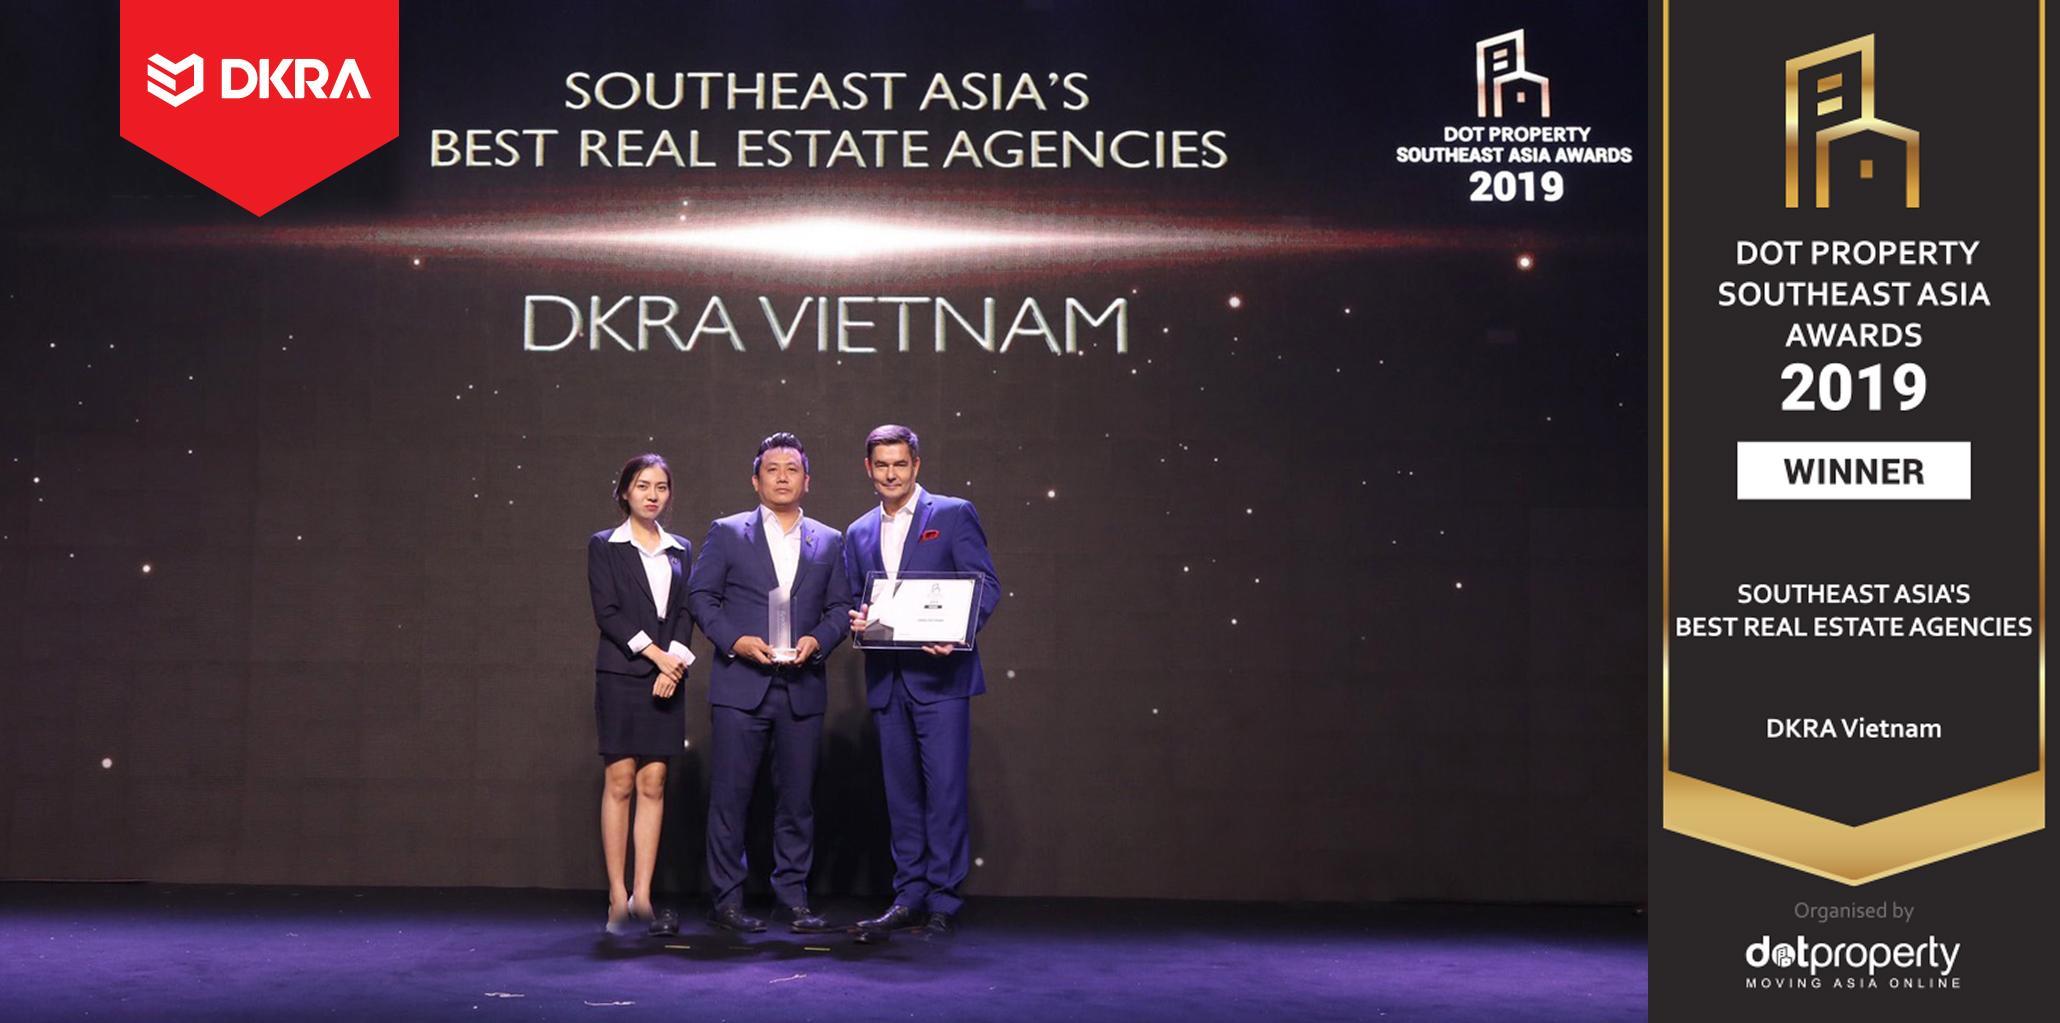 """DKRA Vietnam vươn tầm quốc tế với giải thưởng """"Nhà phân phối BĐS tốt nhất Đông Nam Á"""""""